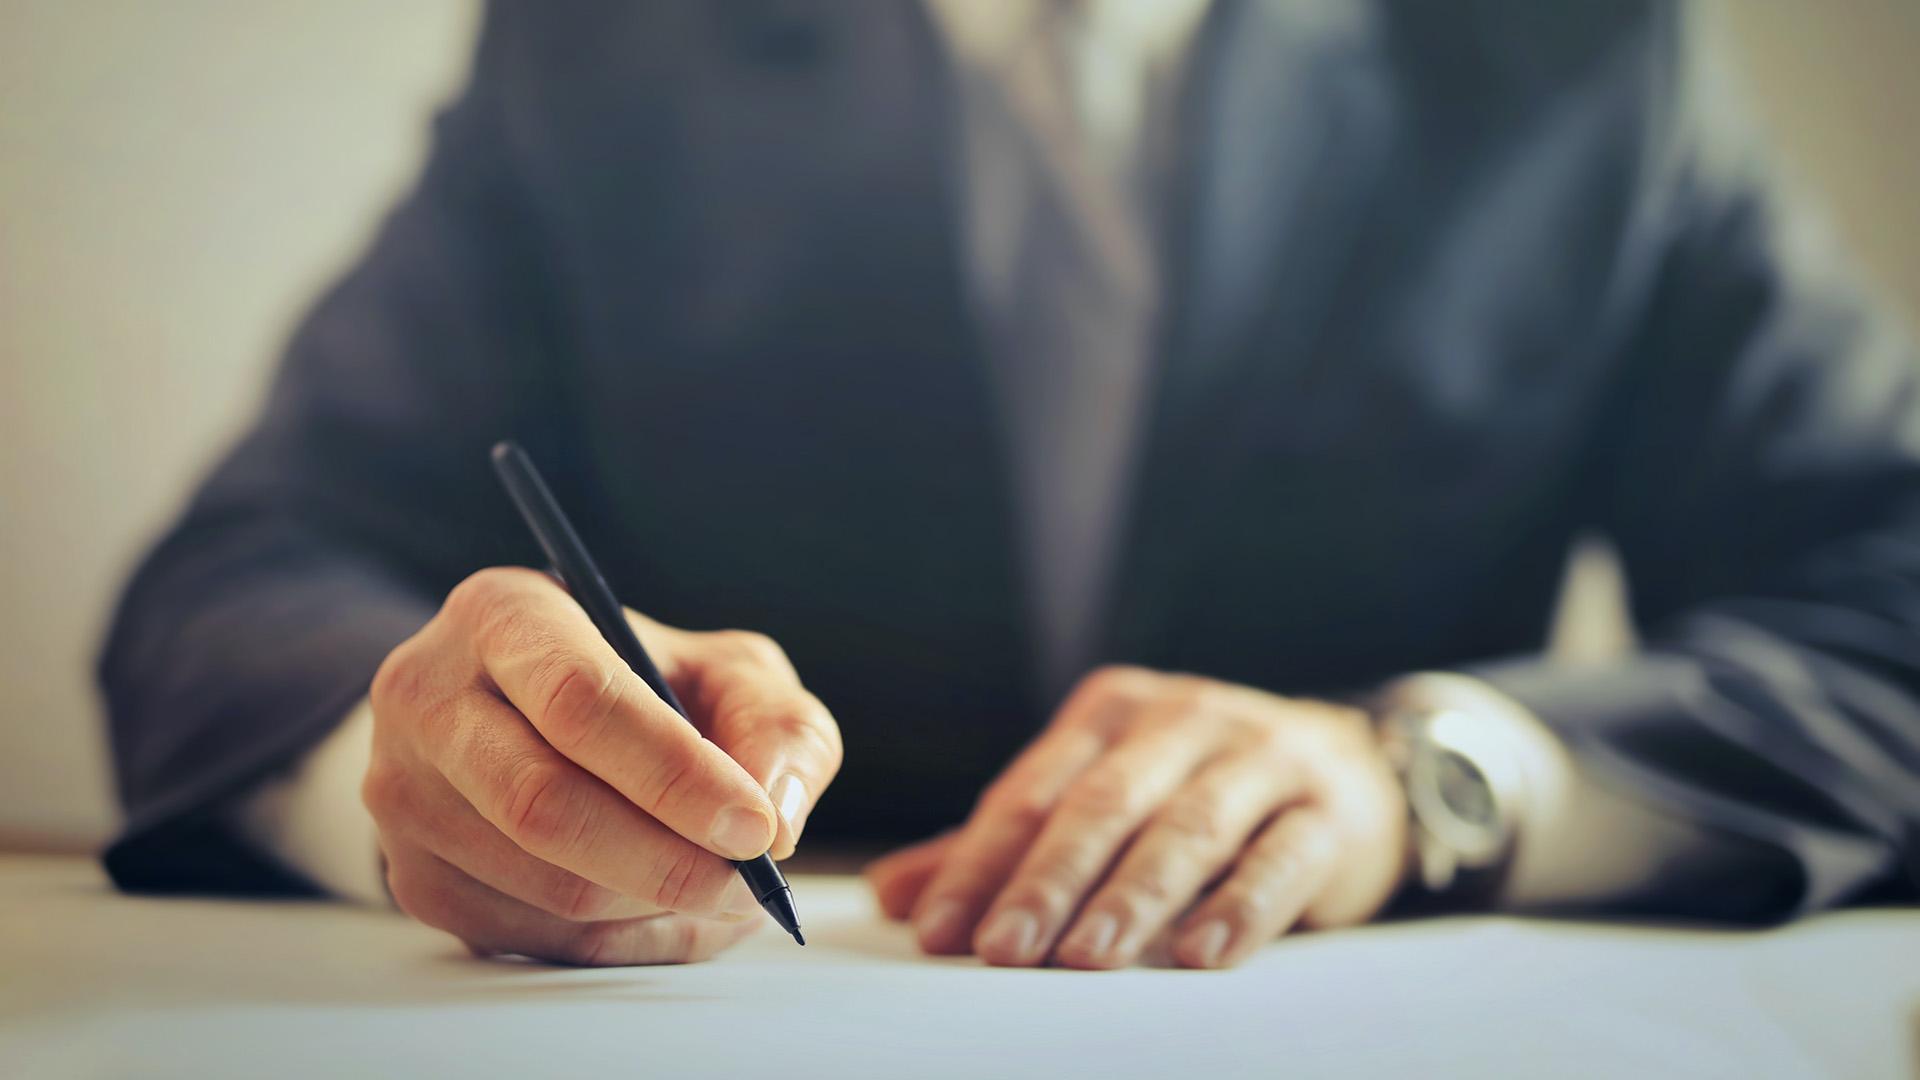 Kas ir labvēlīgs administratīvais akts, kādos gadījumos to drīkst prasīt VID, kādiem nosacījumiem jābūt izpildītiem?